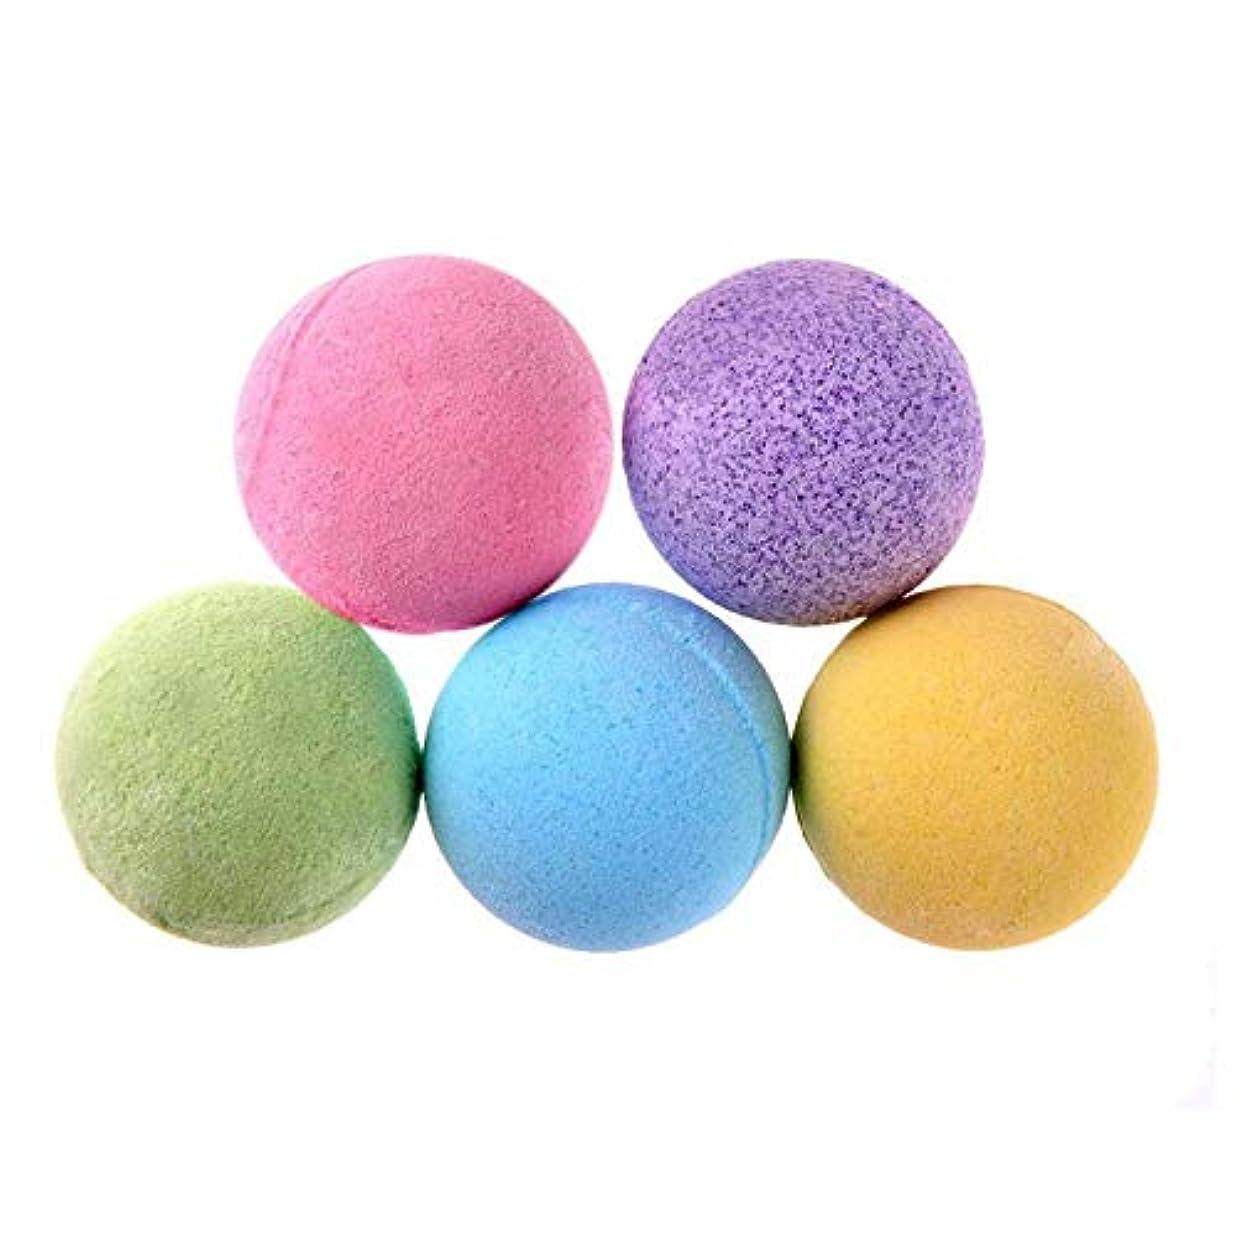 コロニアルインスタント登場Hot 10pc 10g Organic Bath Salt Body Essential Oil Bath Ball Natural Bubble Bath Bombs Ball Rose/Green tea/Lavender...